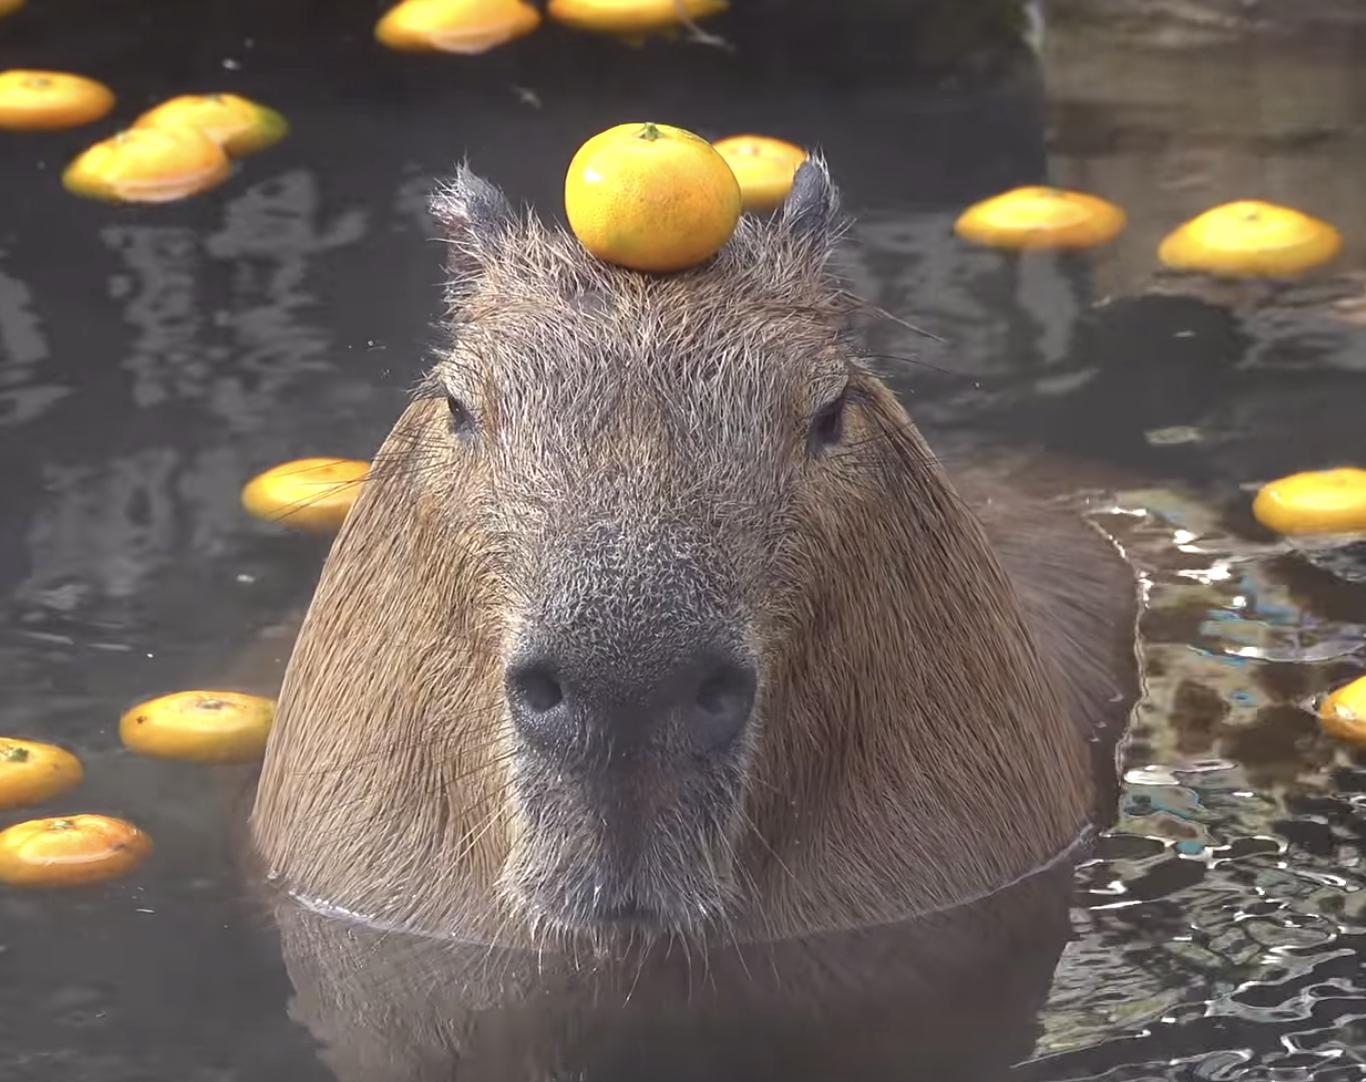 気持ちよさそうに温泉に入るカピバラの動画一覧